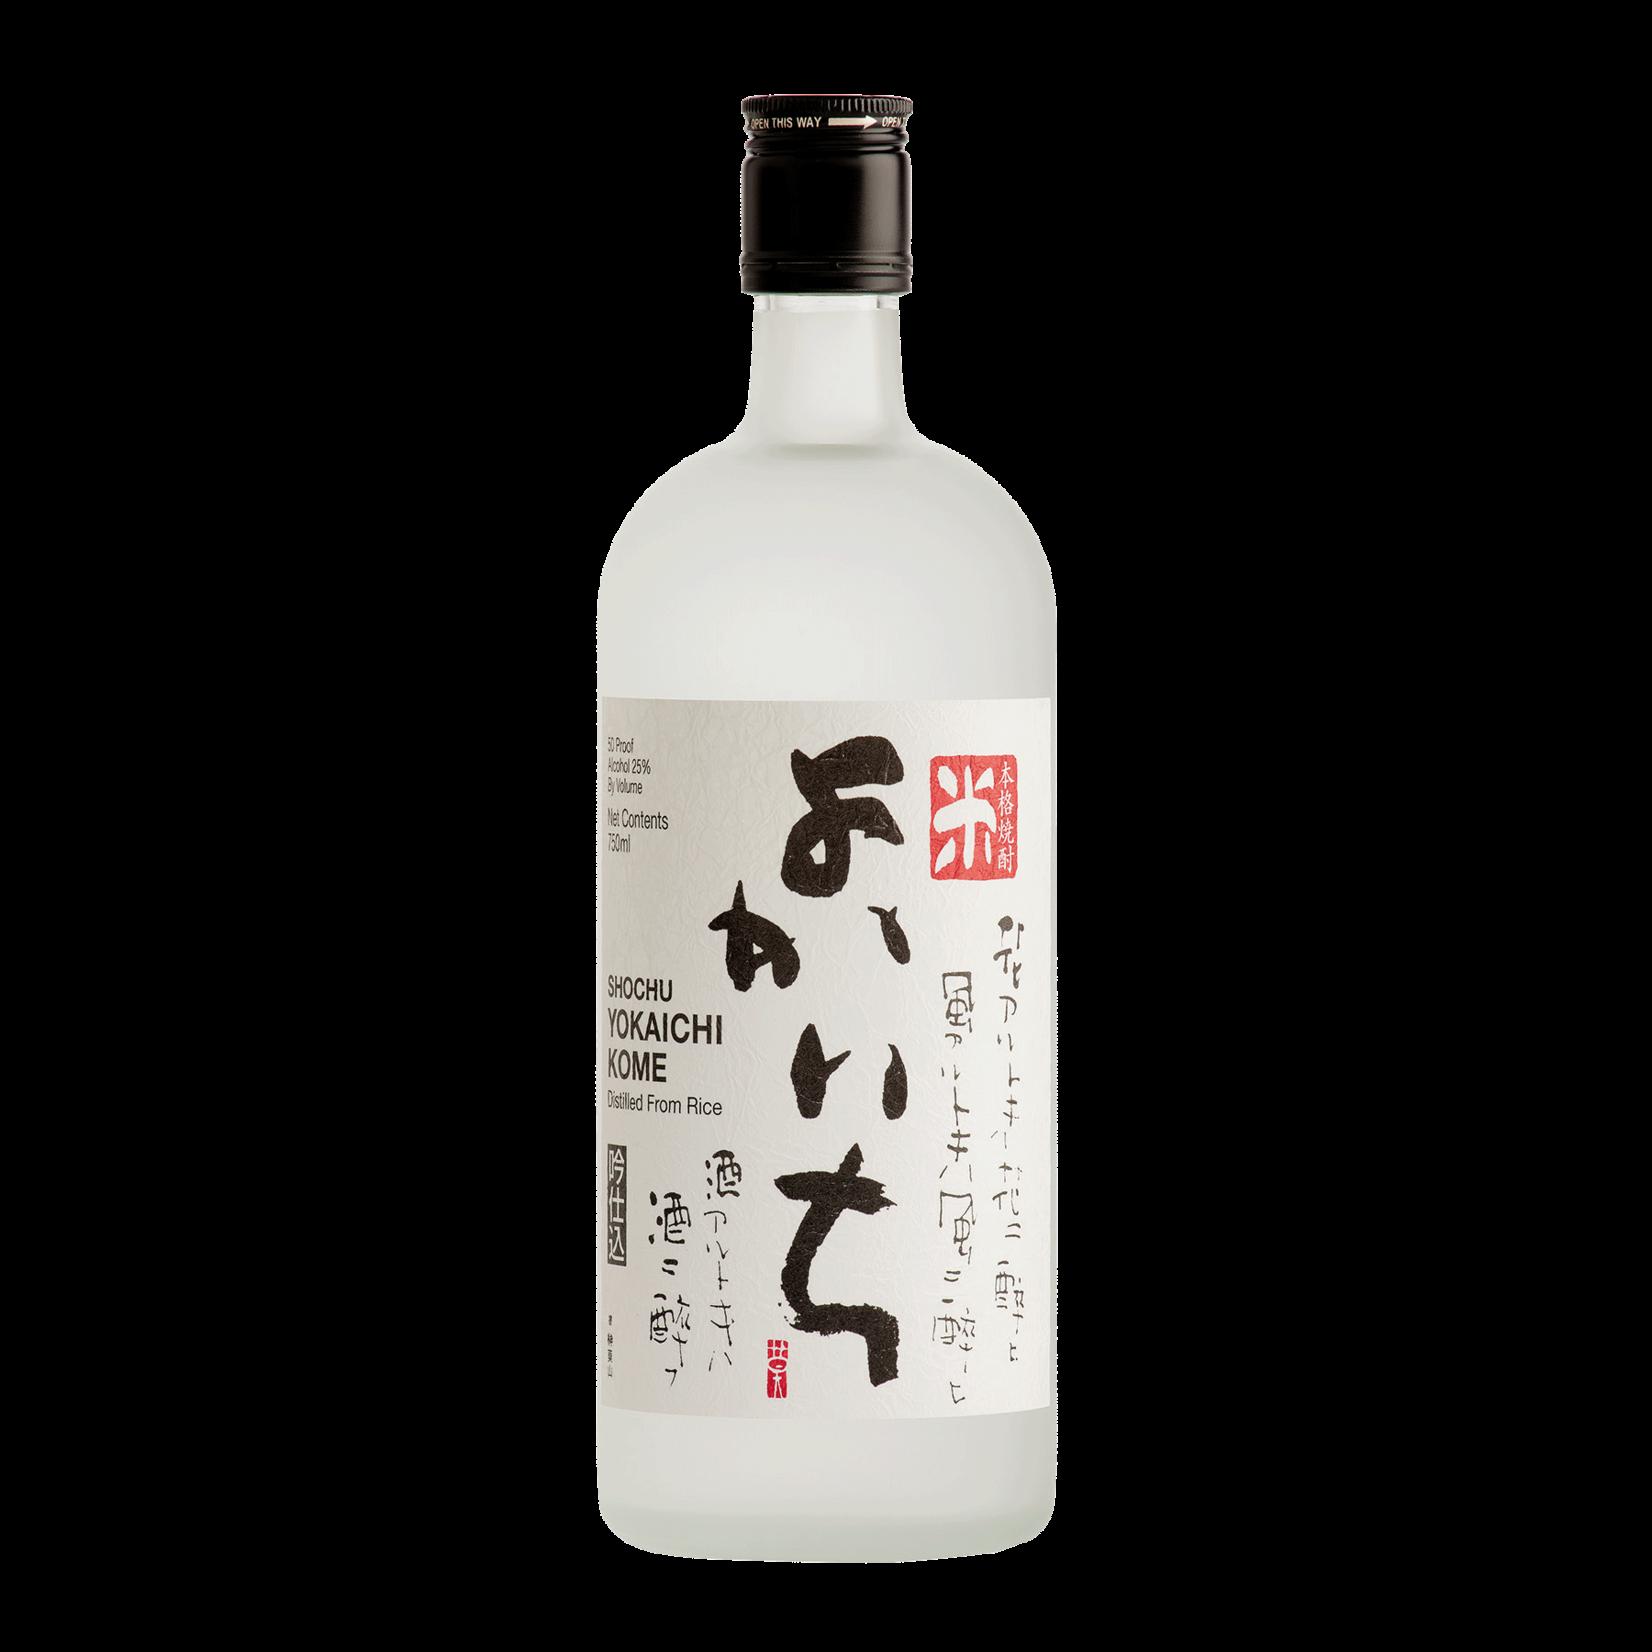 Spirits Takara Shuzo, Yokaichi Kome Shochu